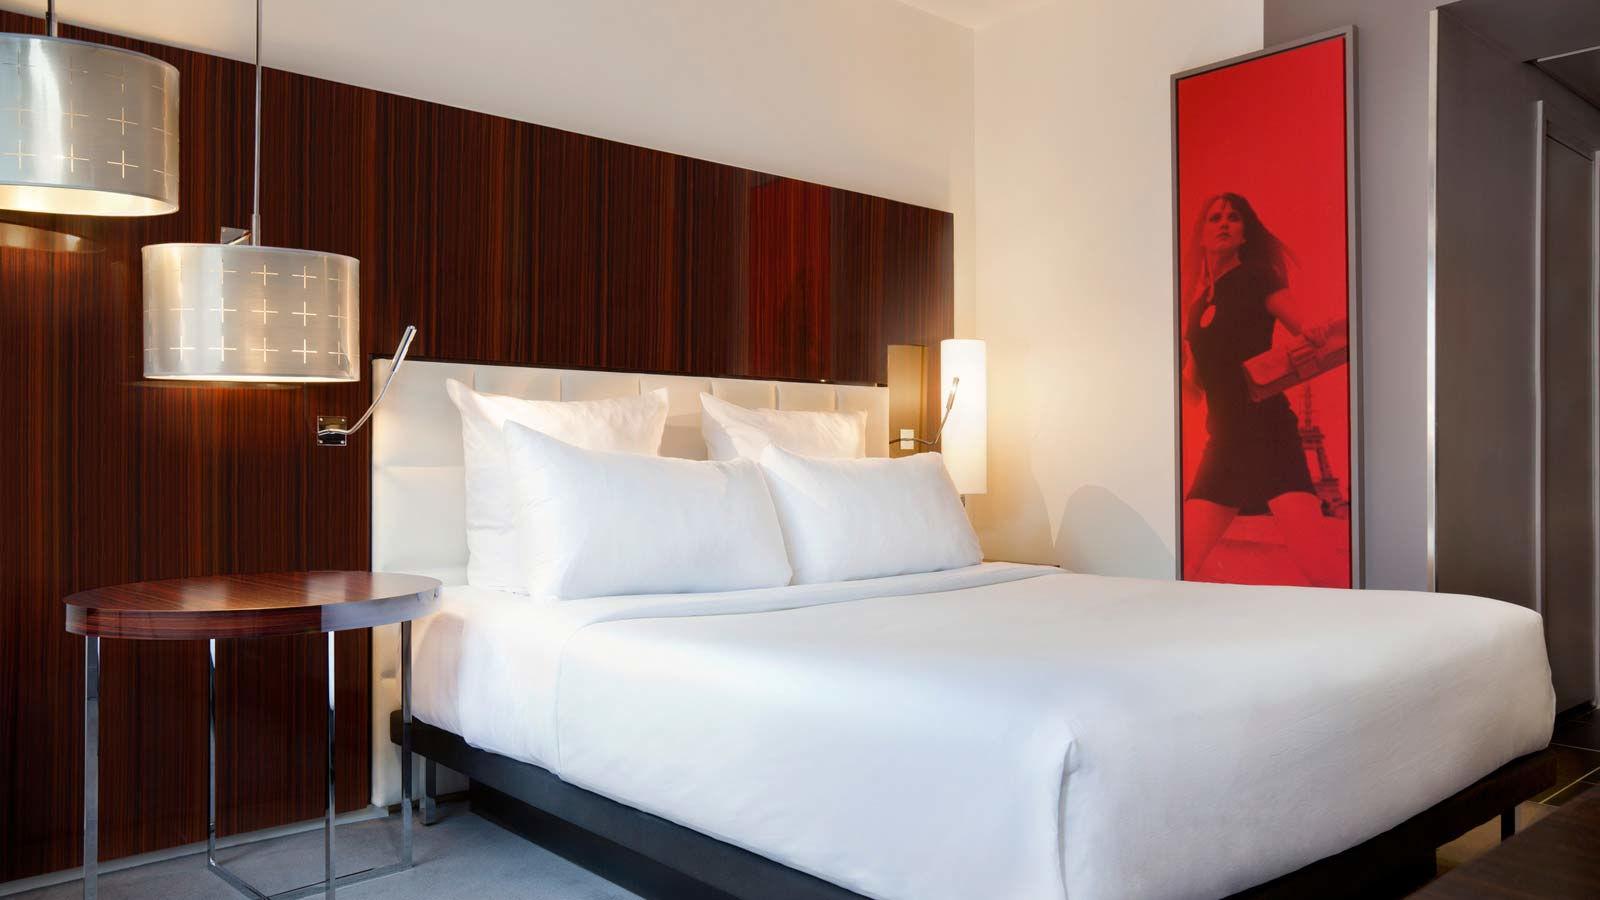 chambre design et moderne le m ridien etoile meilleur tarif garanti. Black Bedroom Furniture Sets. Home Design Ideas